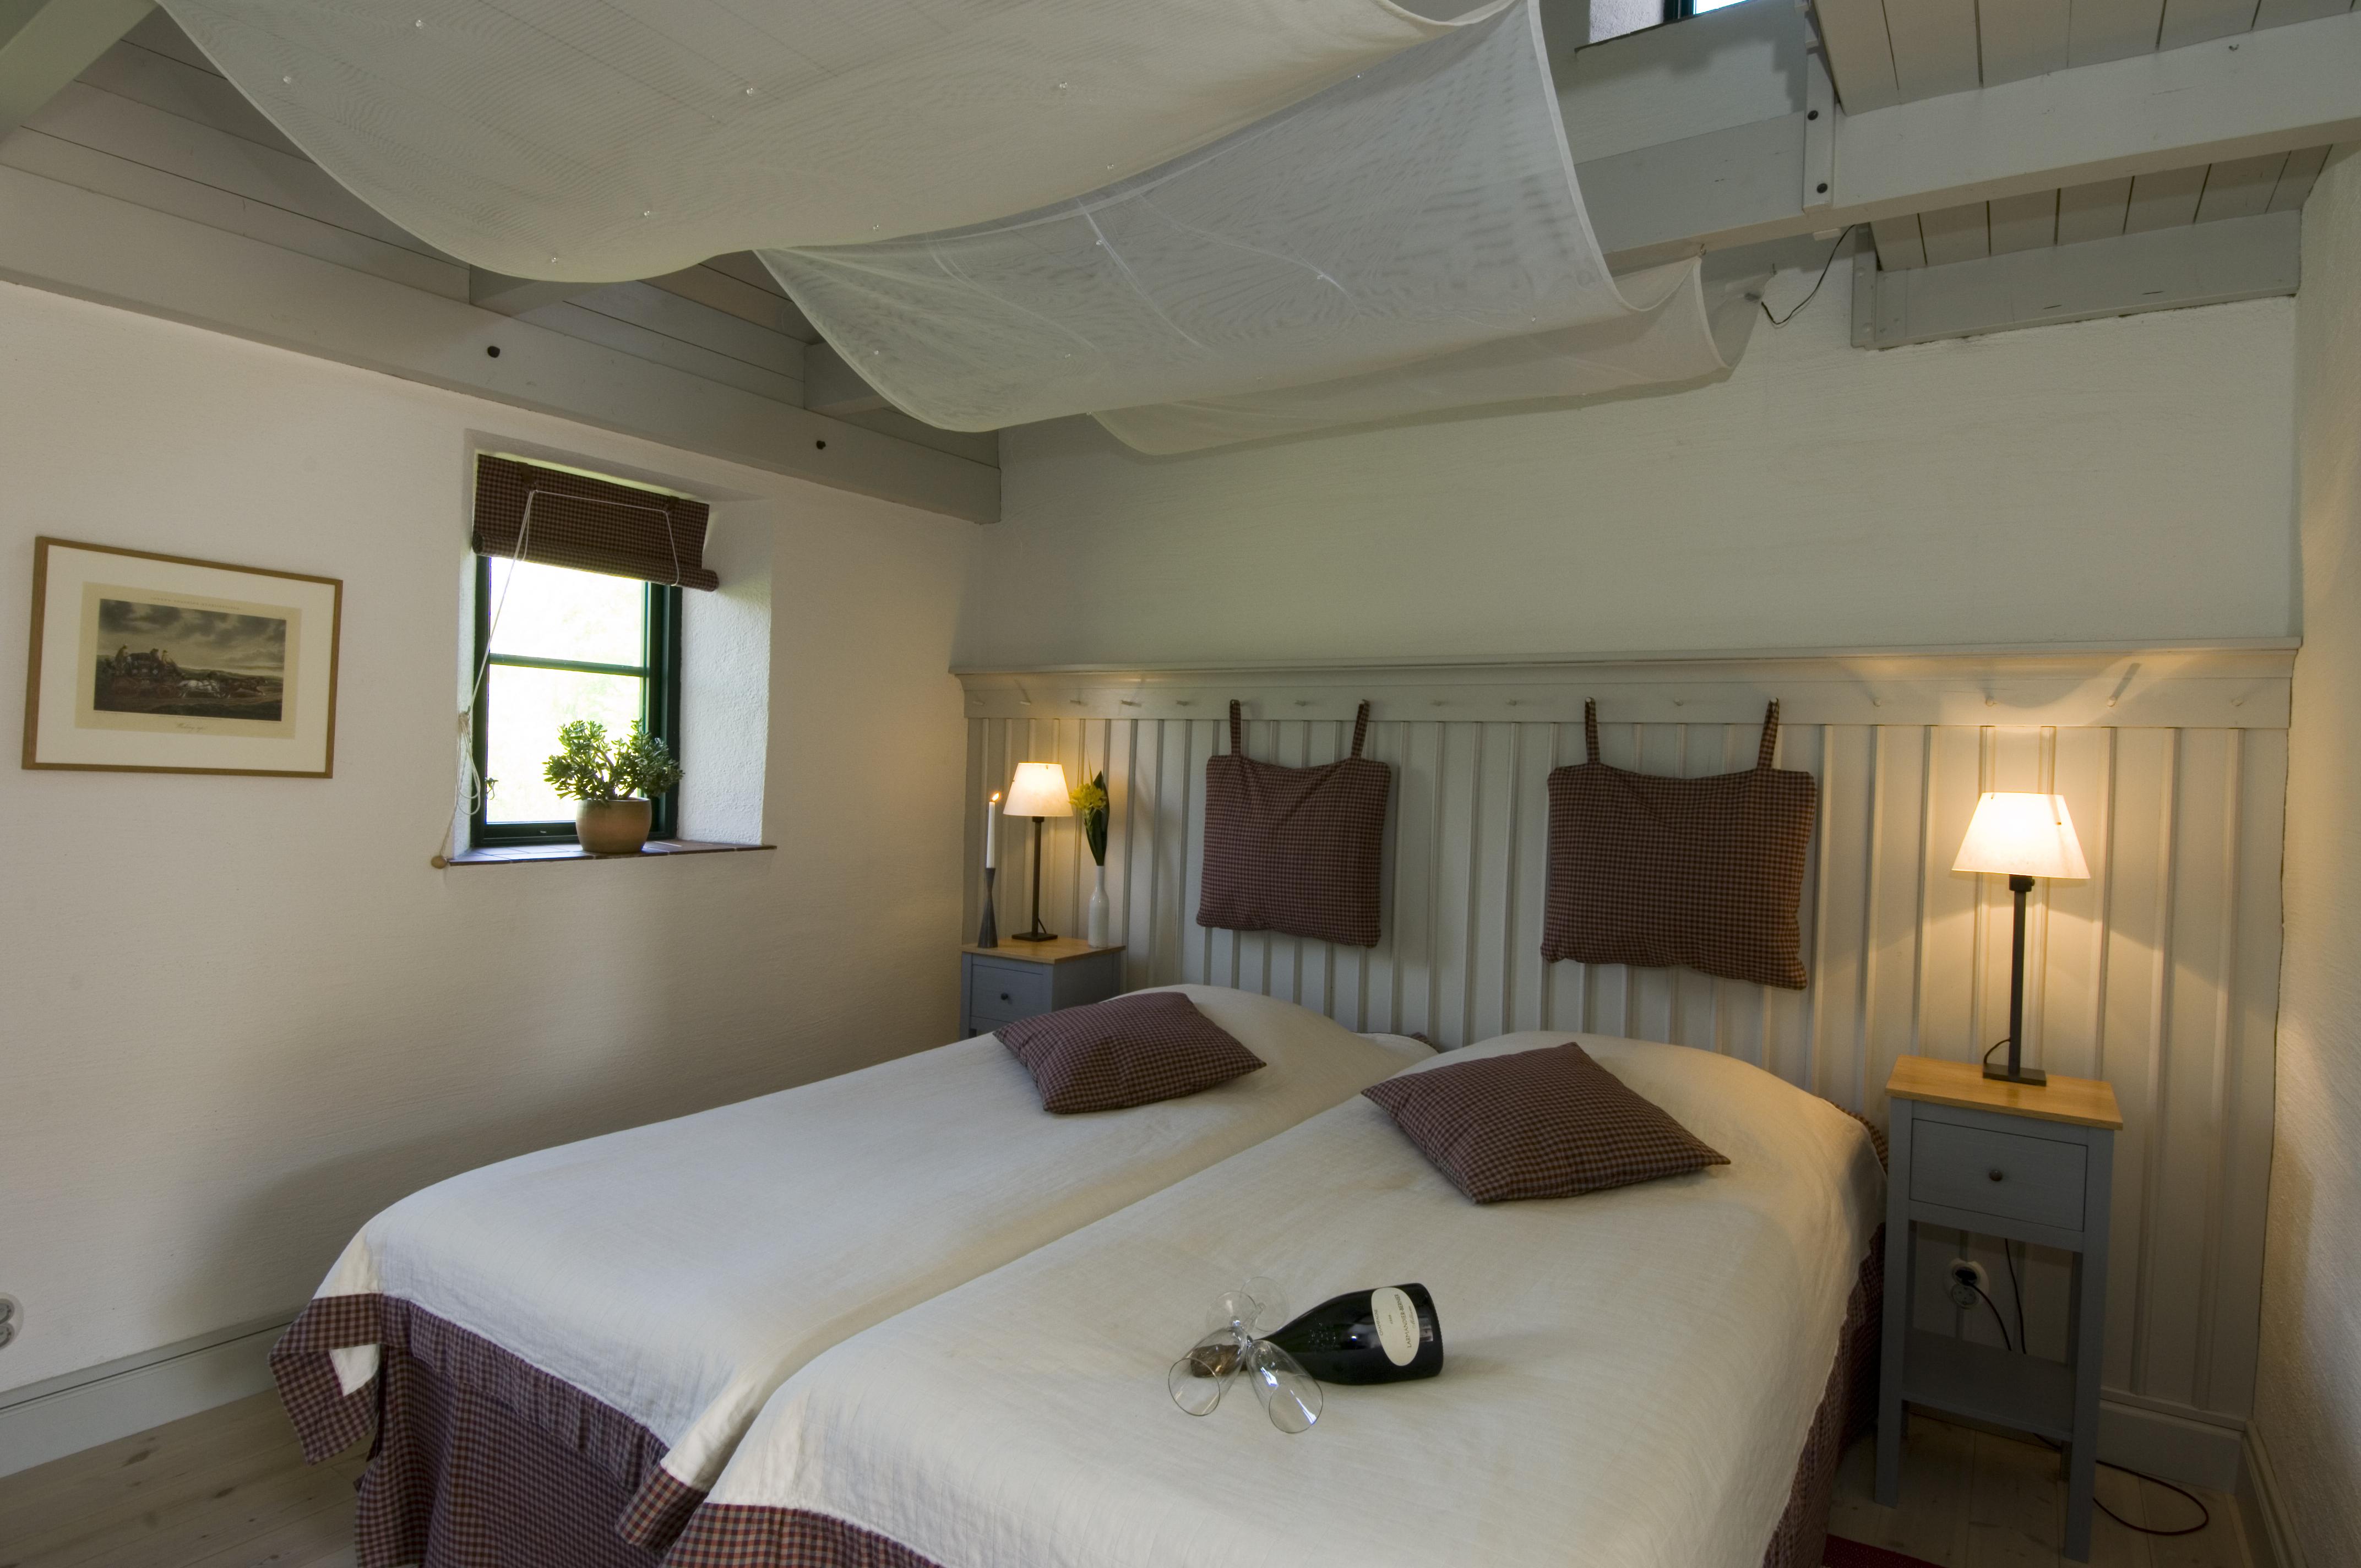 Säng med champagne i Möllegårdens konferensboende